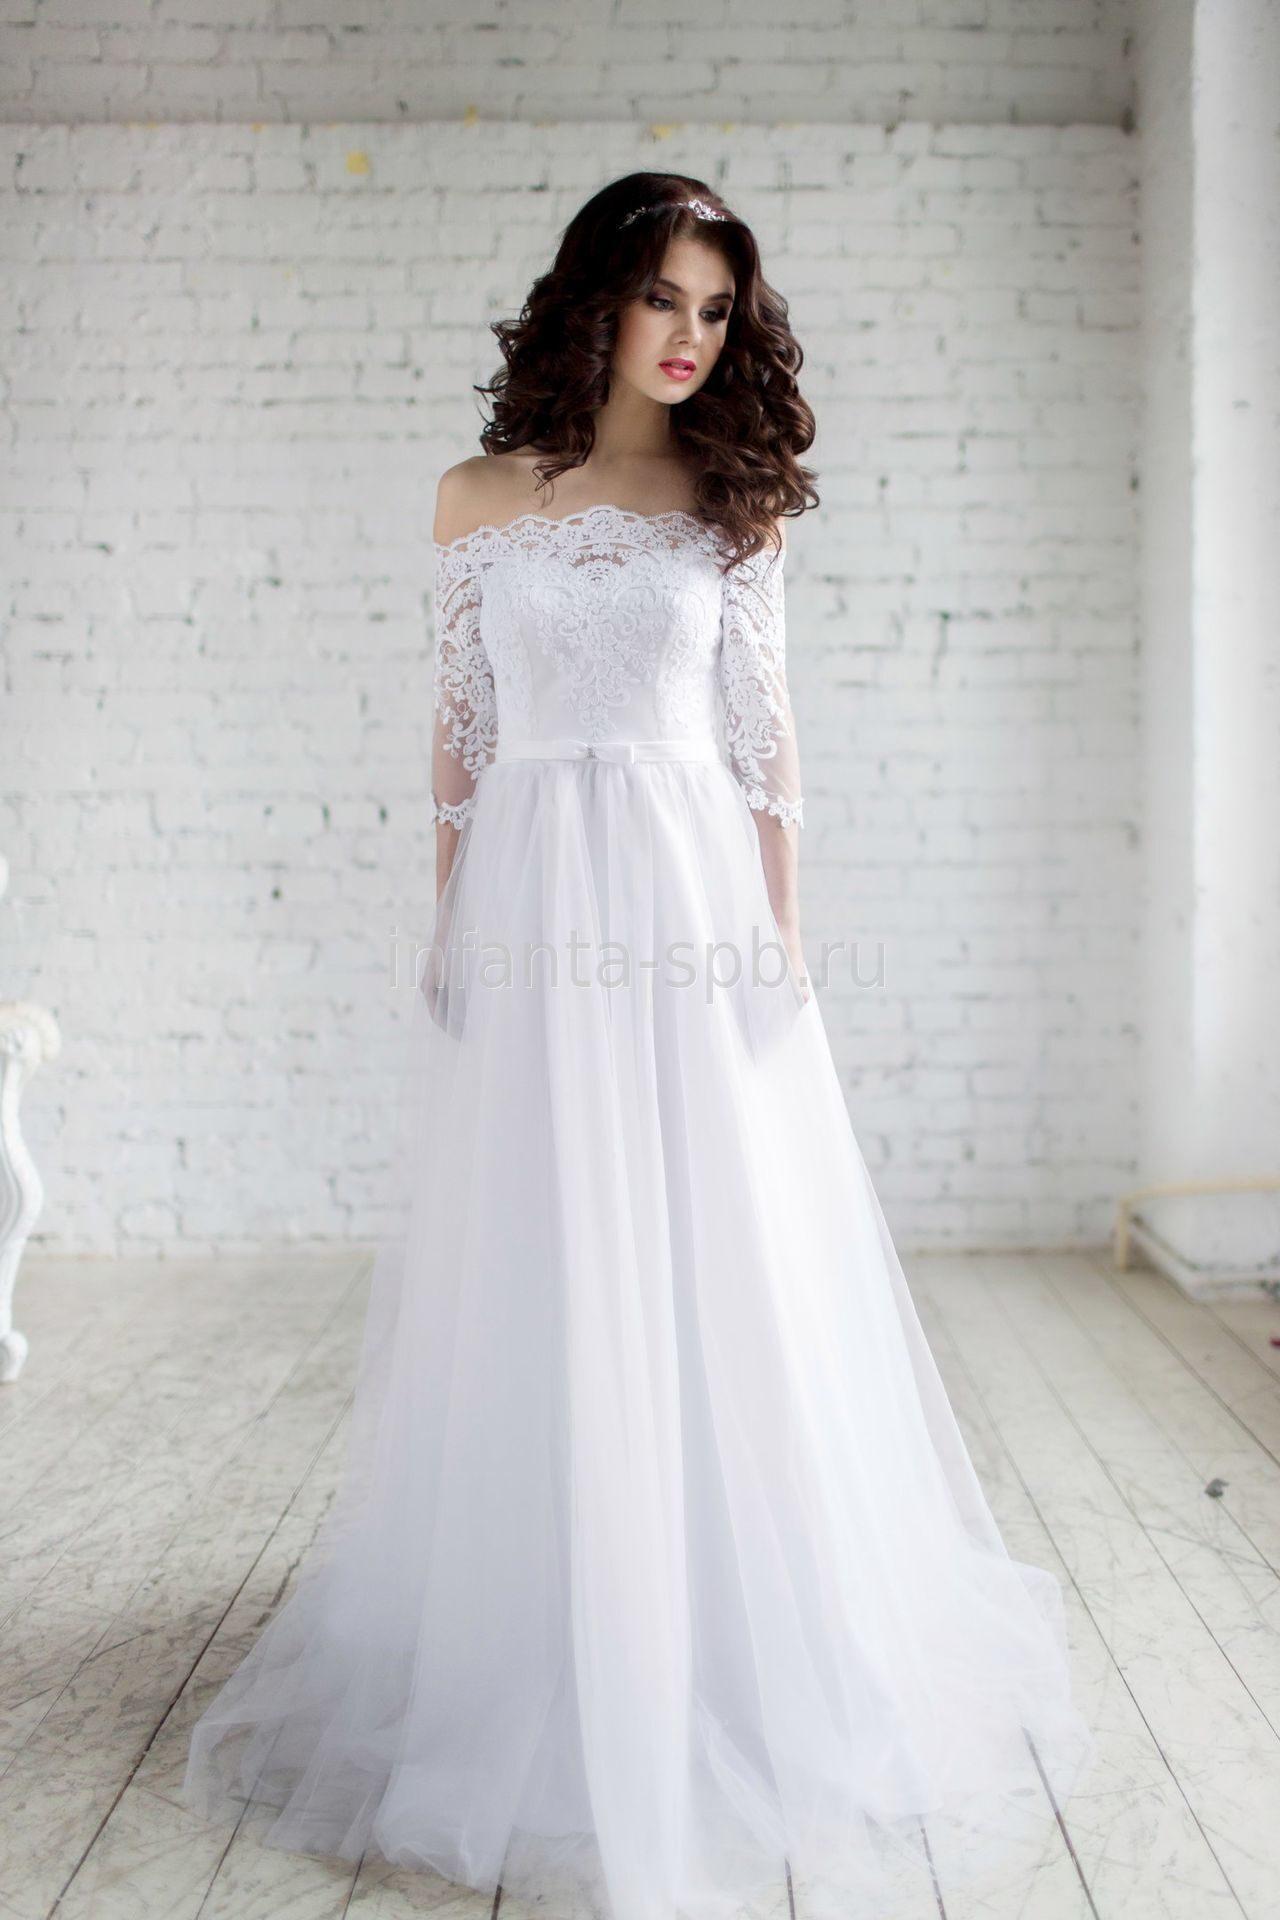 Свадебные платья в СанктПетербурге  каталог цены фото